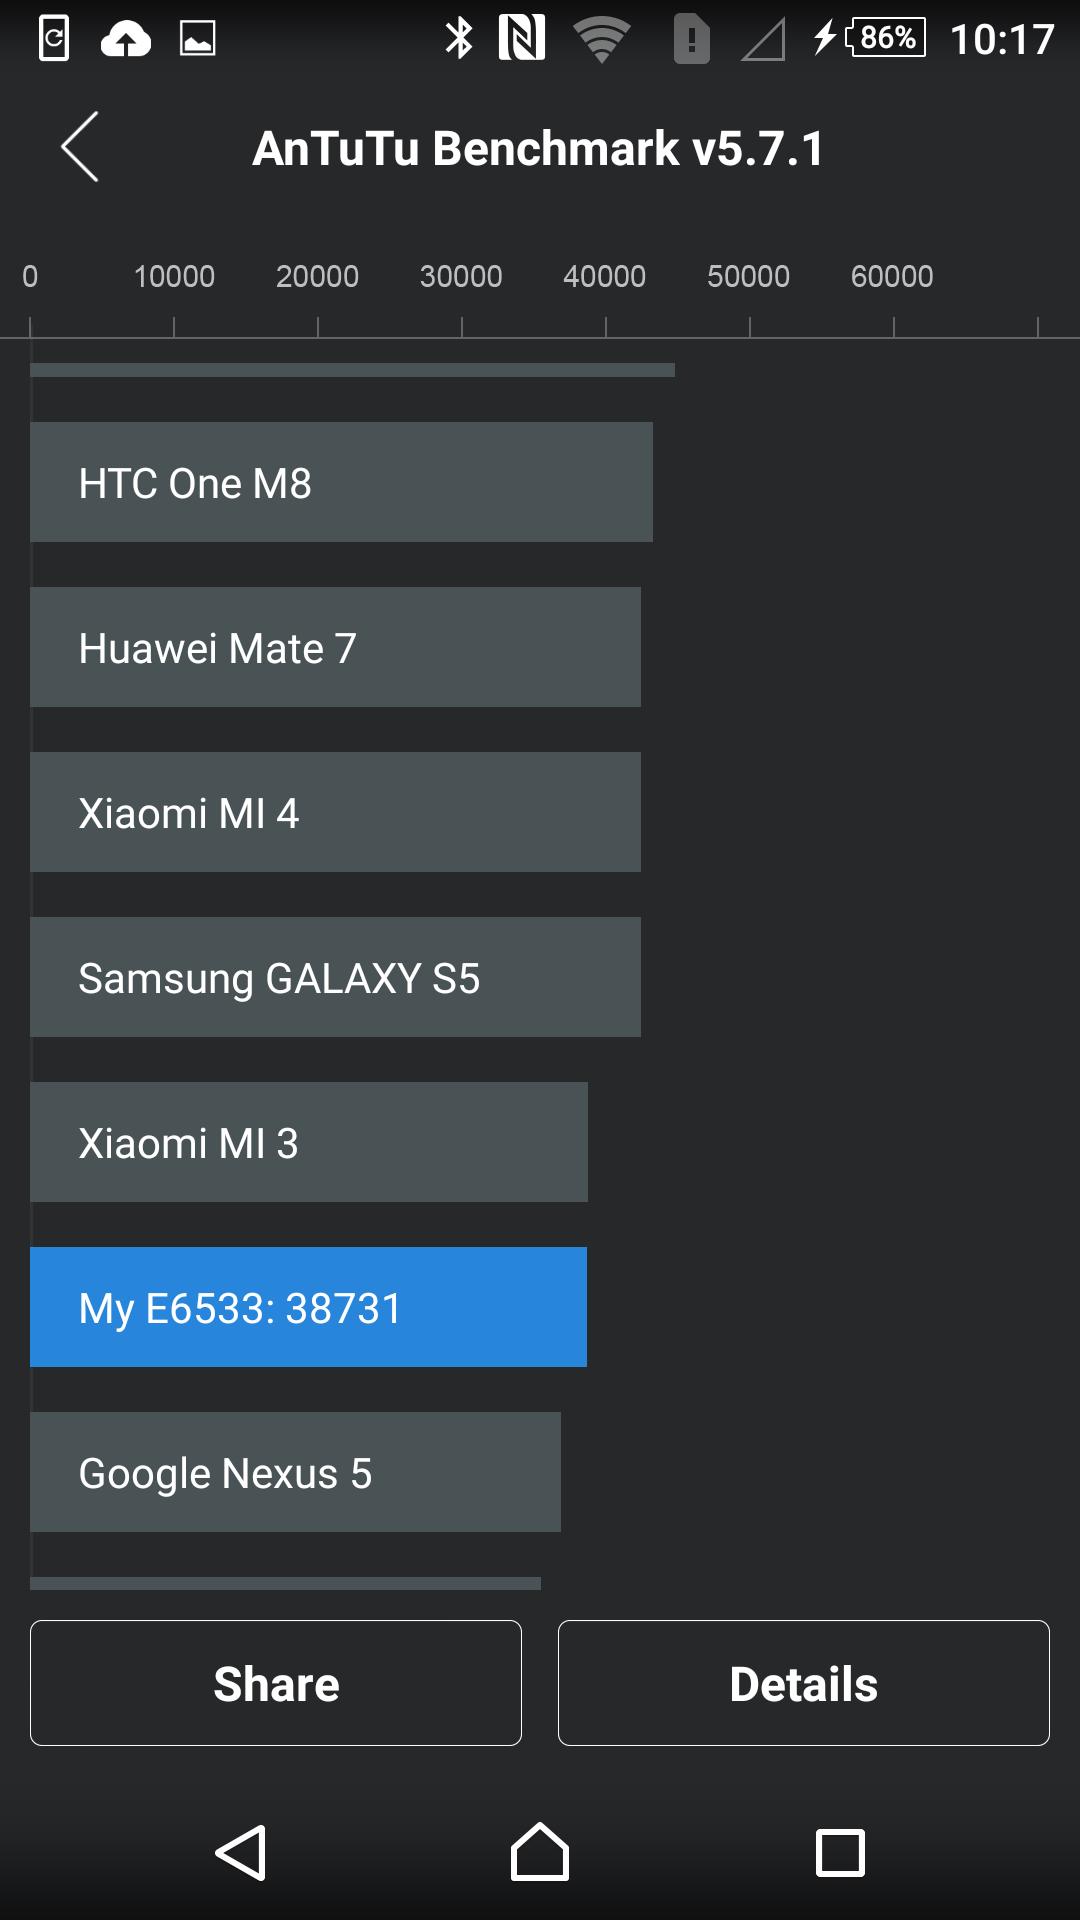 10Poza Sony Xperia Z3+ test v1